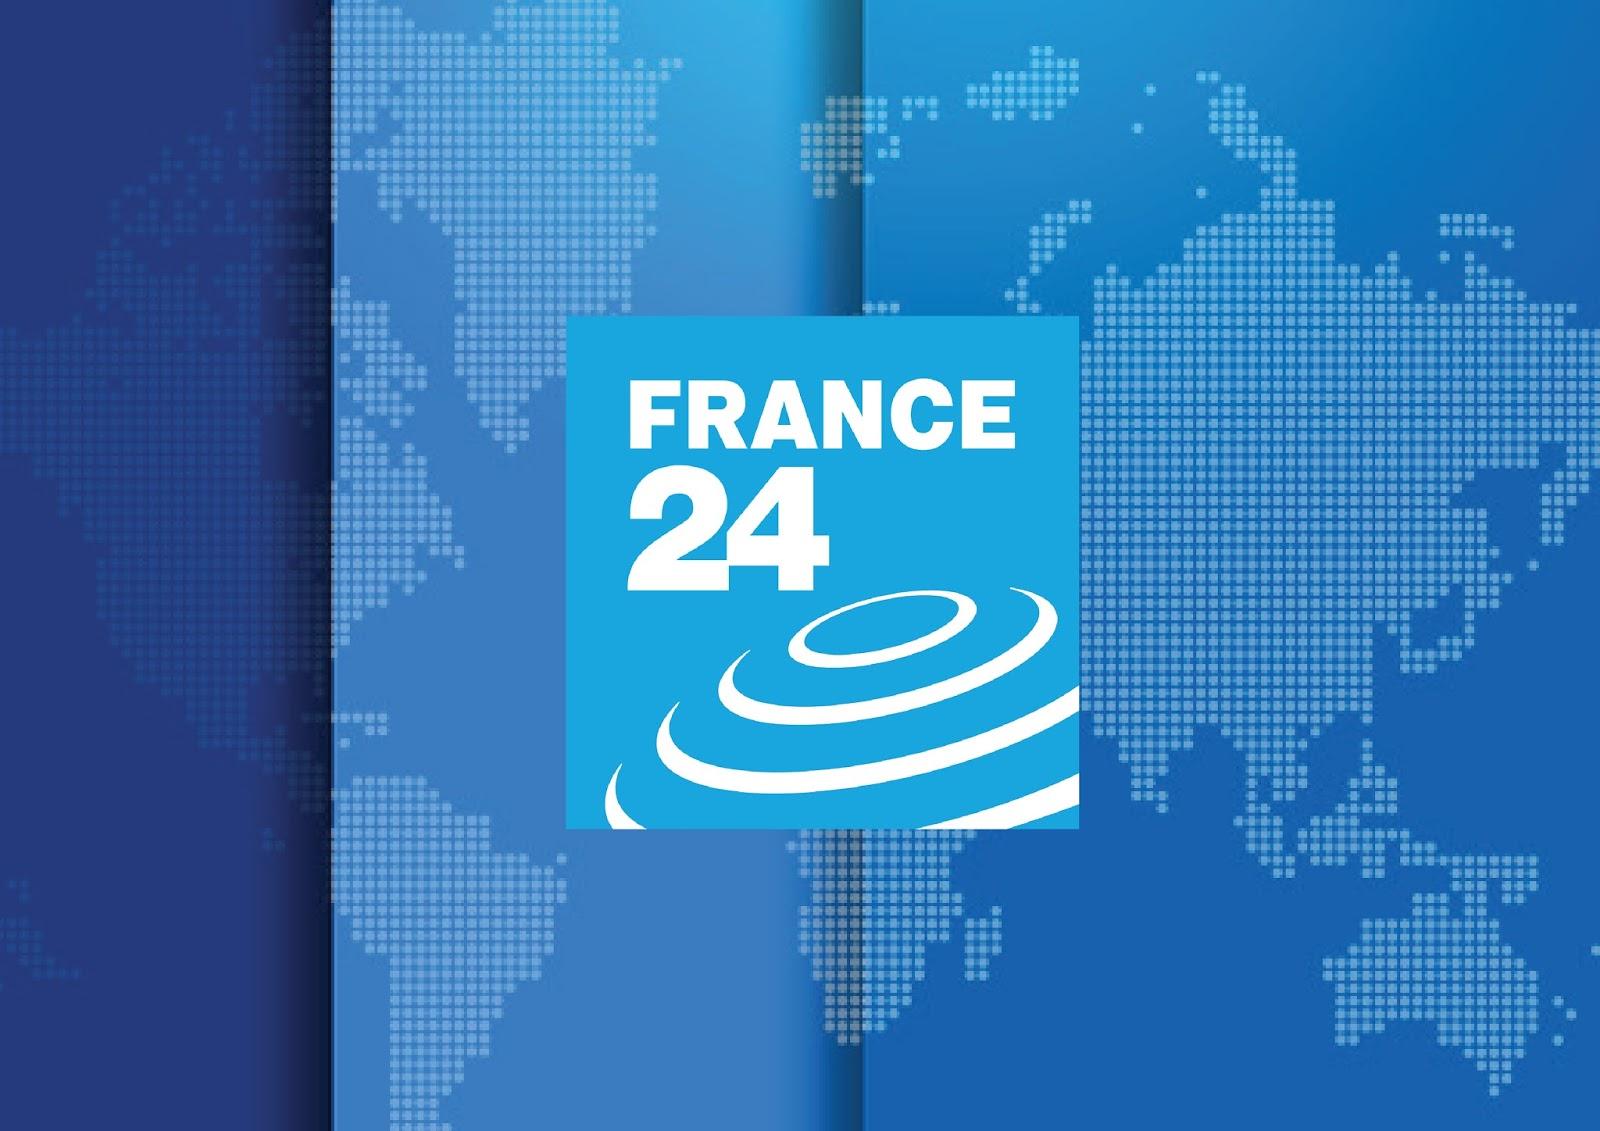 France 24 Fr HD / En HD / Ar HD - Badr Sat Frequency - 2019